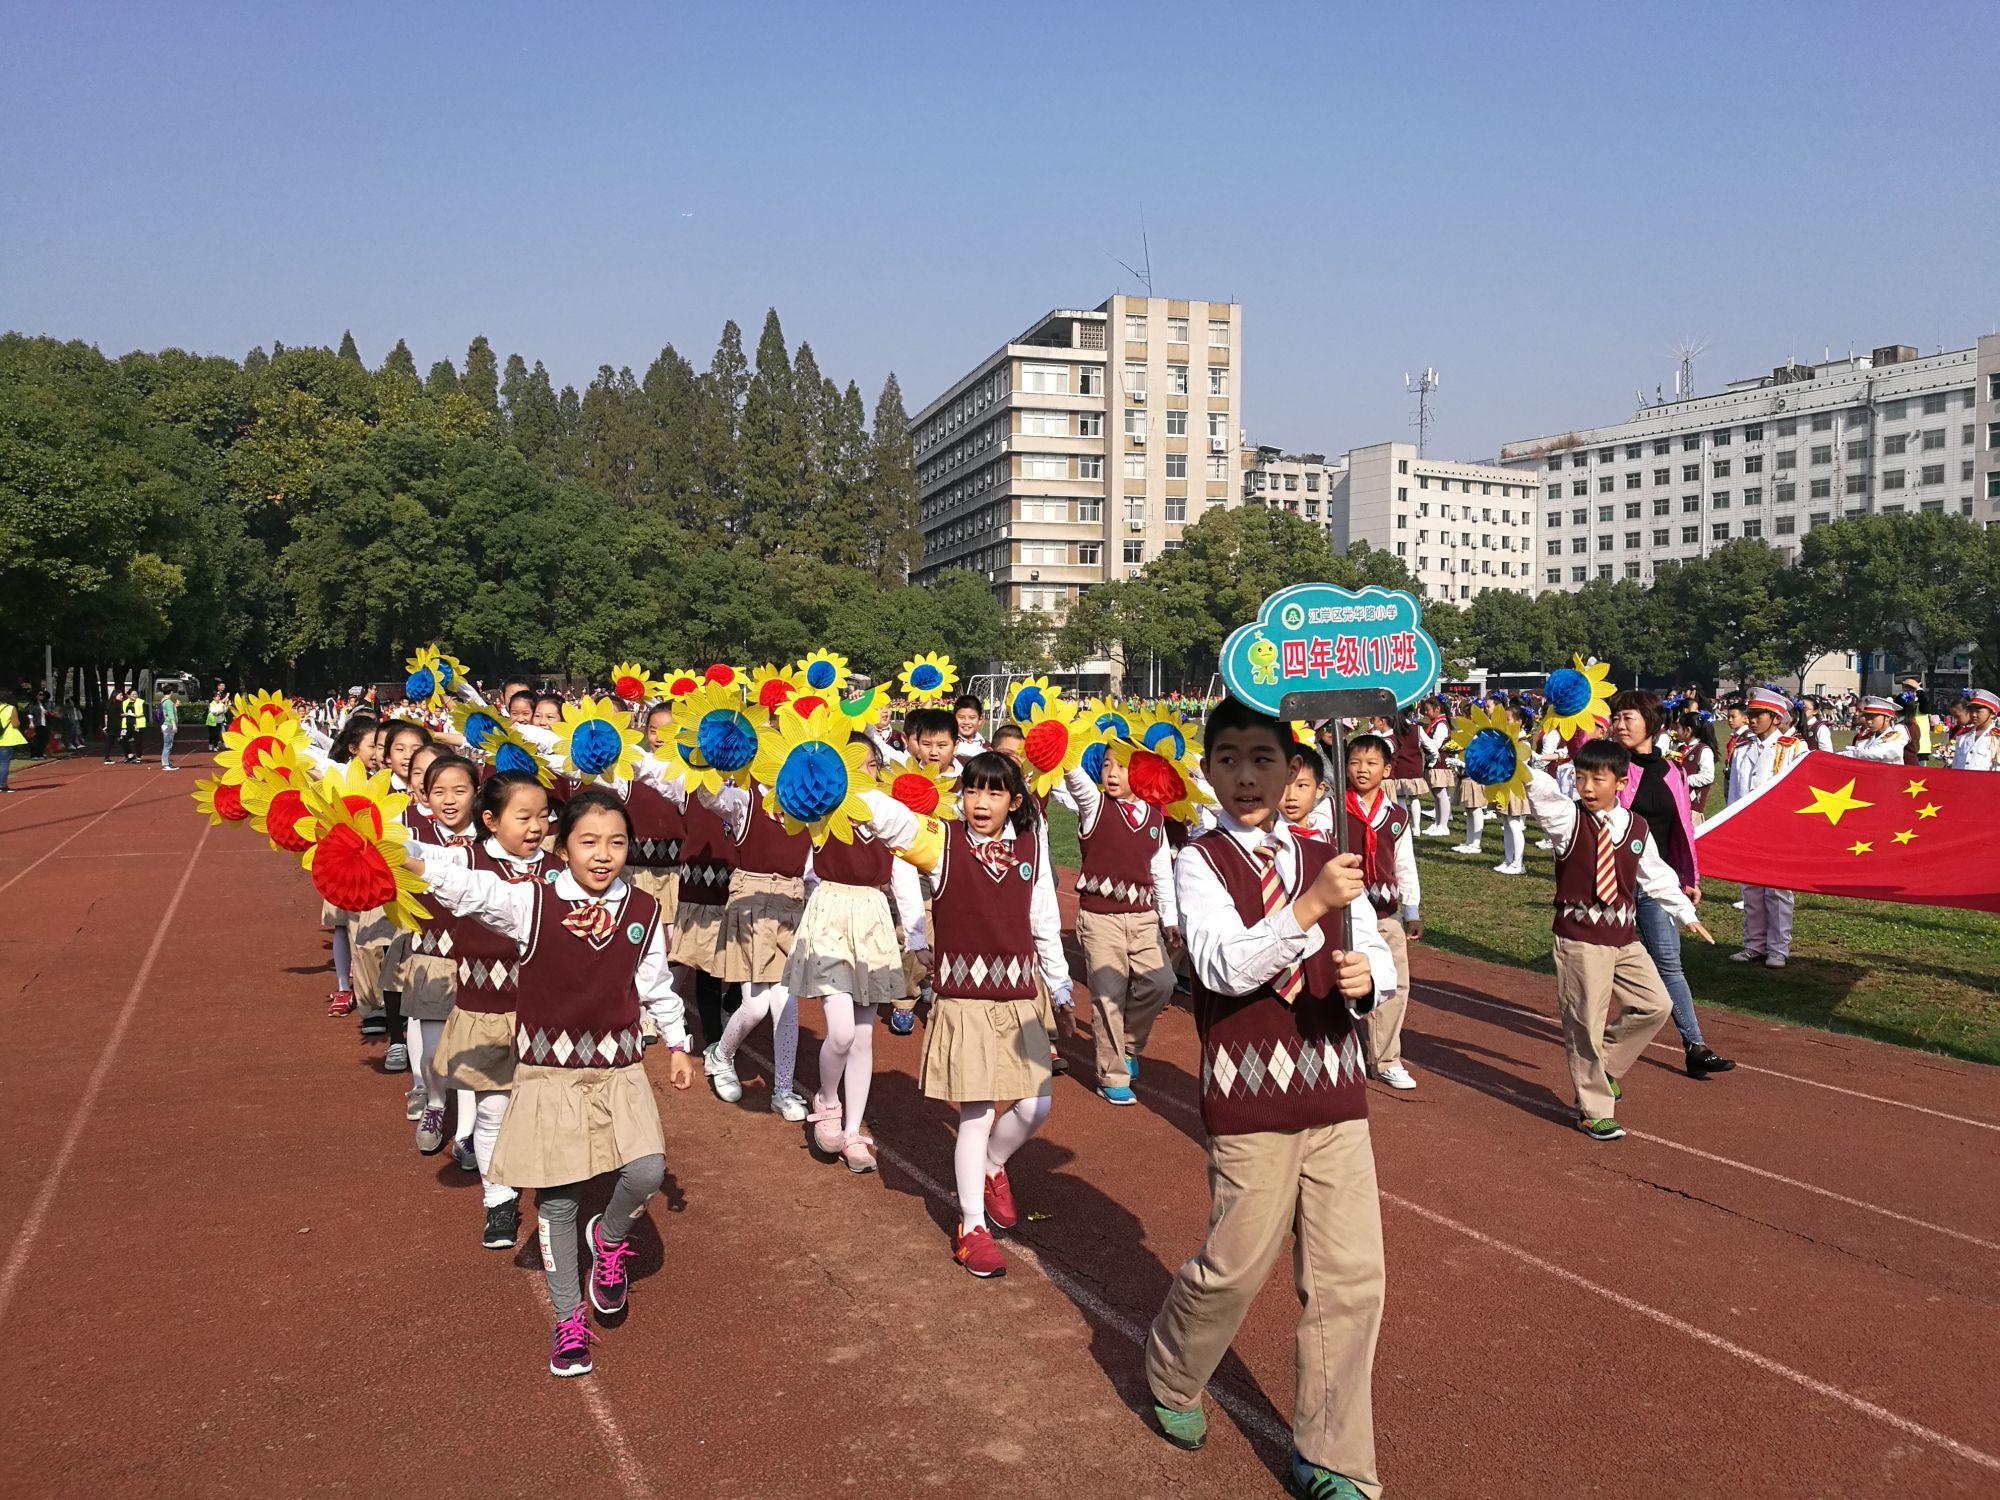 入场式,武汉市光华路小学2017年秋季田径运动会正式启幕,学生们以班级图片